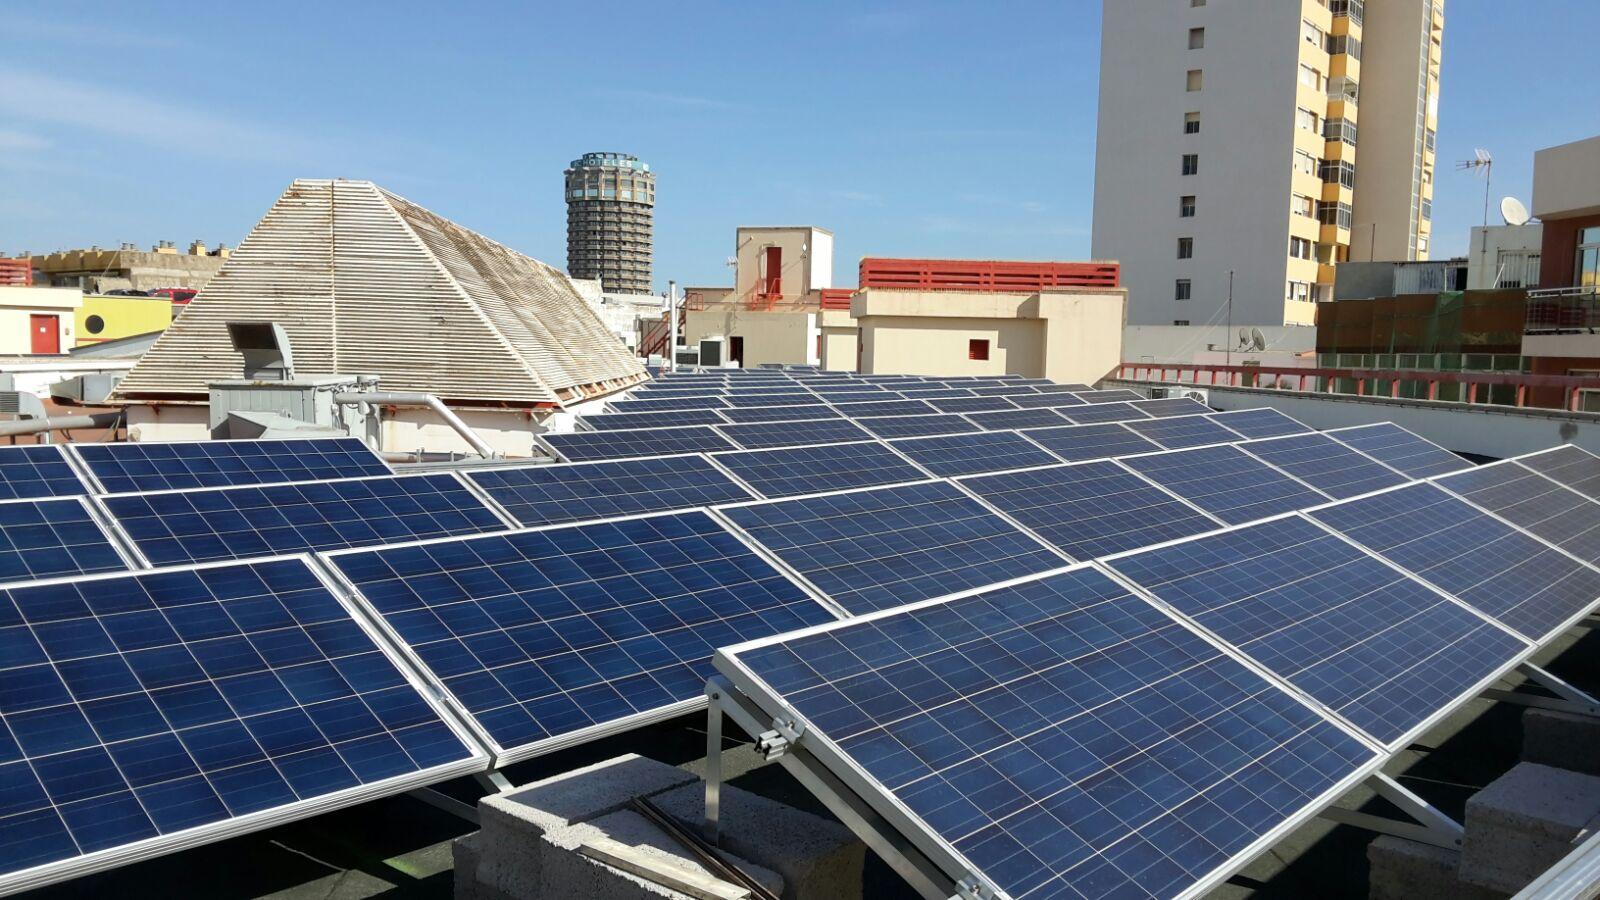 Instalacion placa solar affordable instalacion de placas solares en ferysan with instalacion - Instalador de placas solares ...